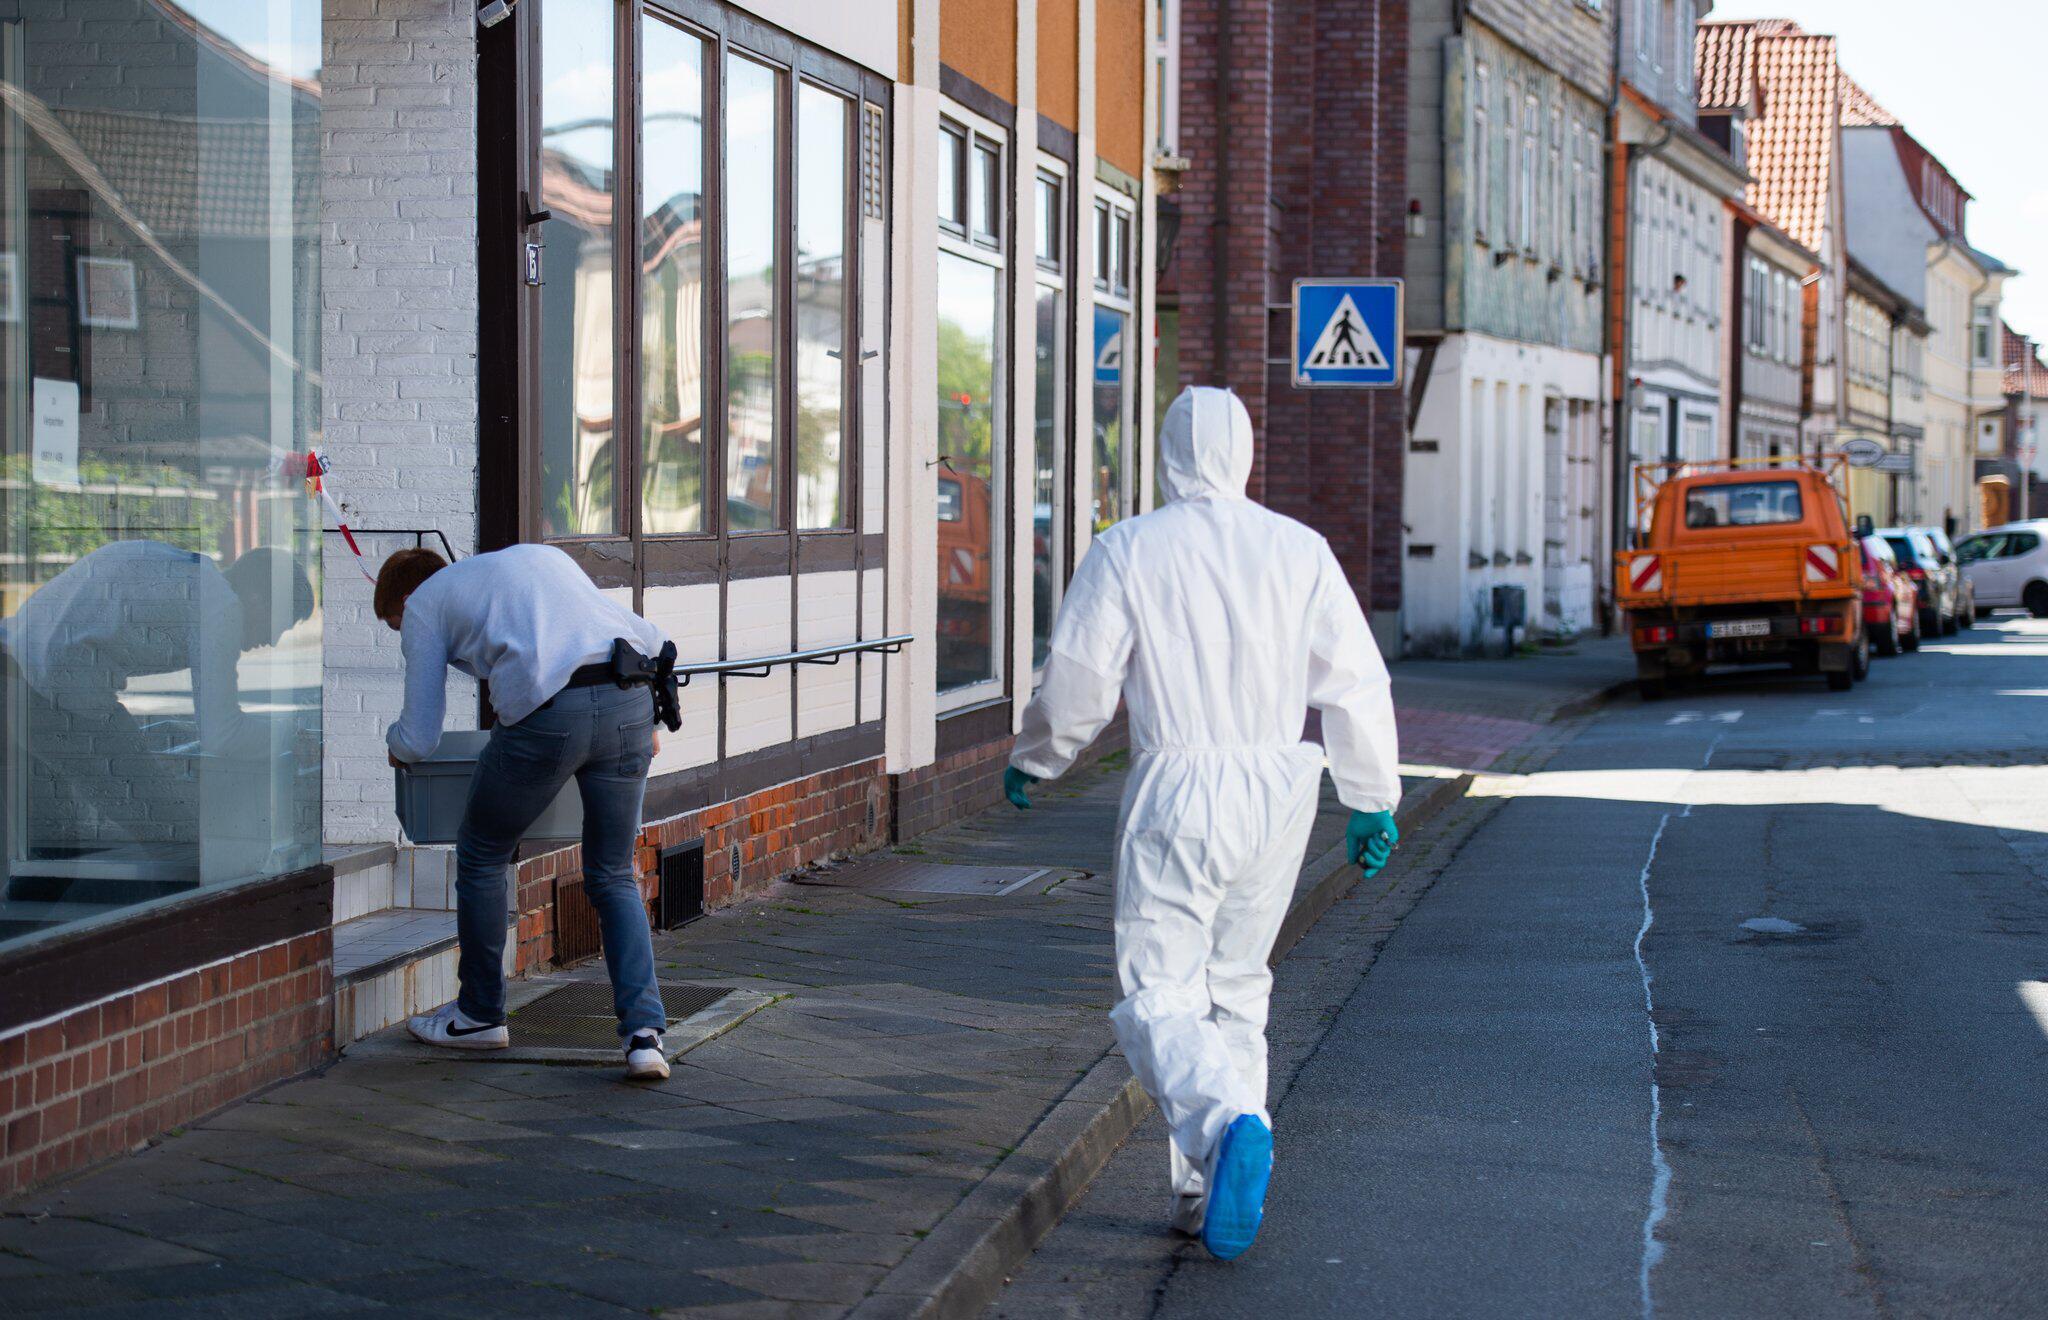 Bild zu Armbrust-Fall - Leichenfund in Wittingen